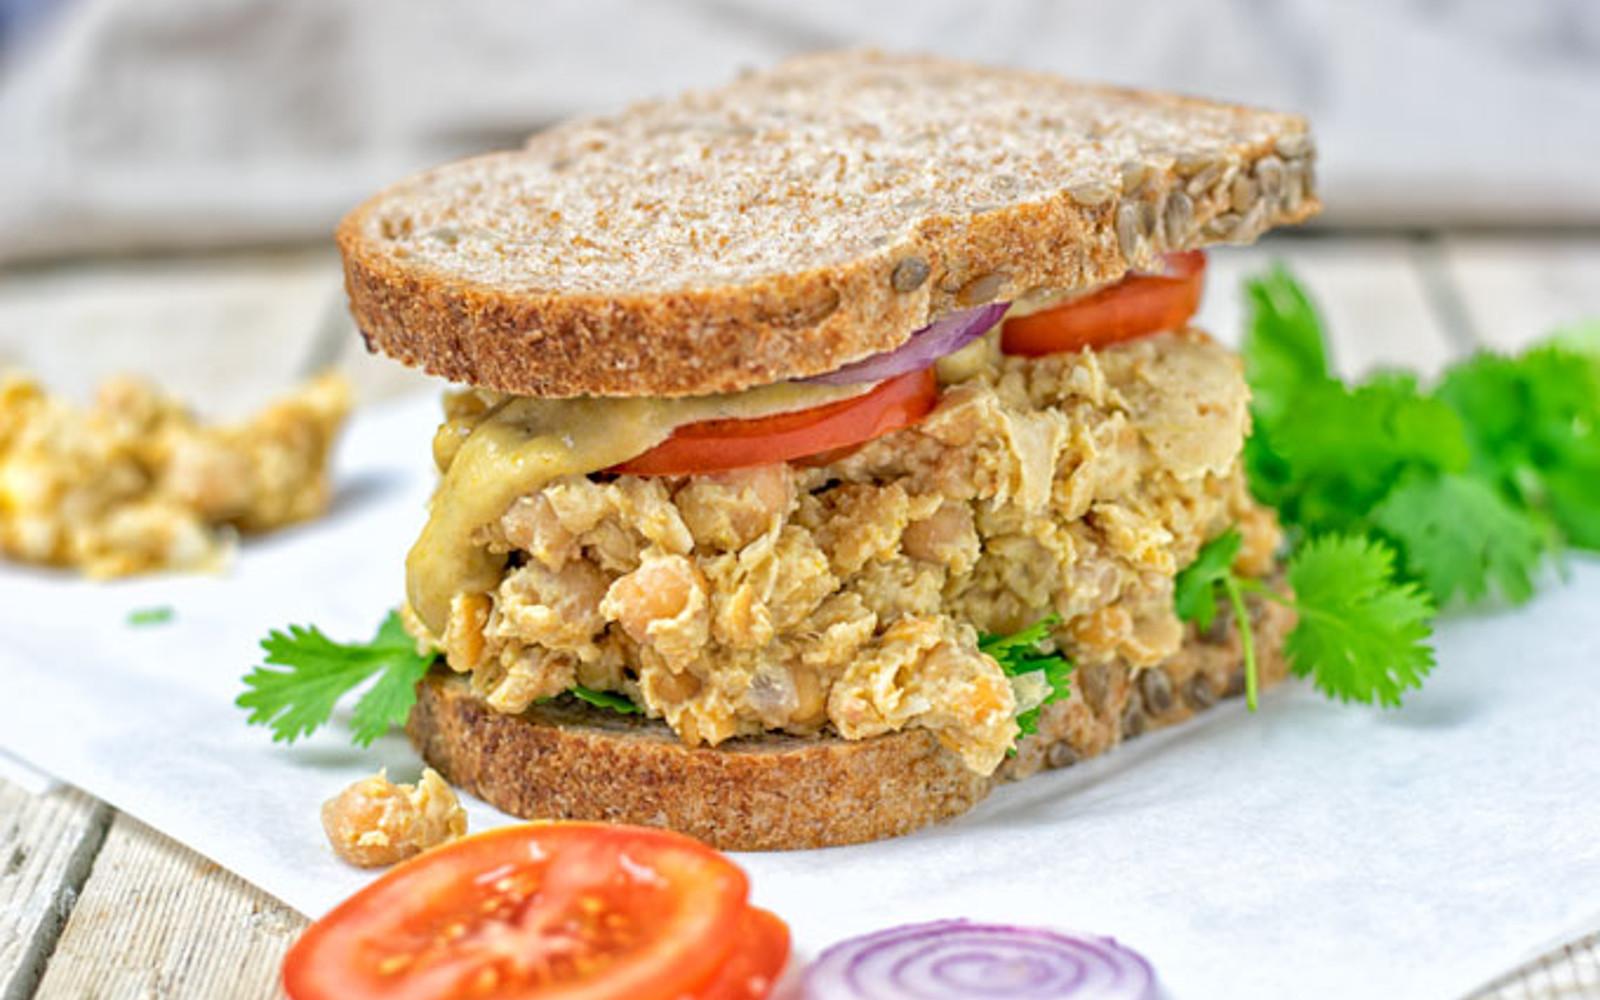 Thai Green Curry Salad Sandwich